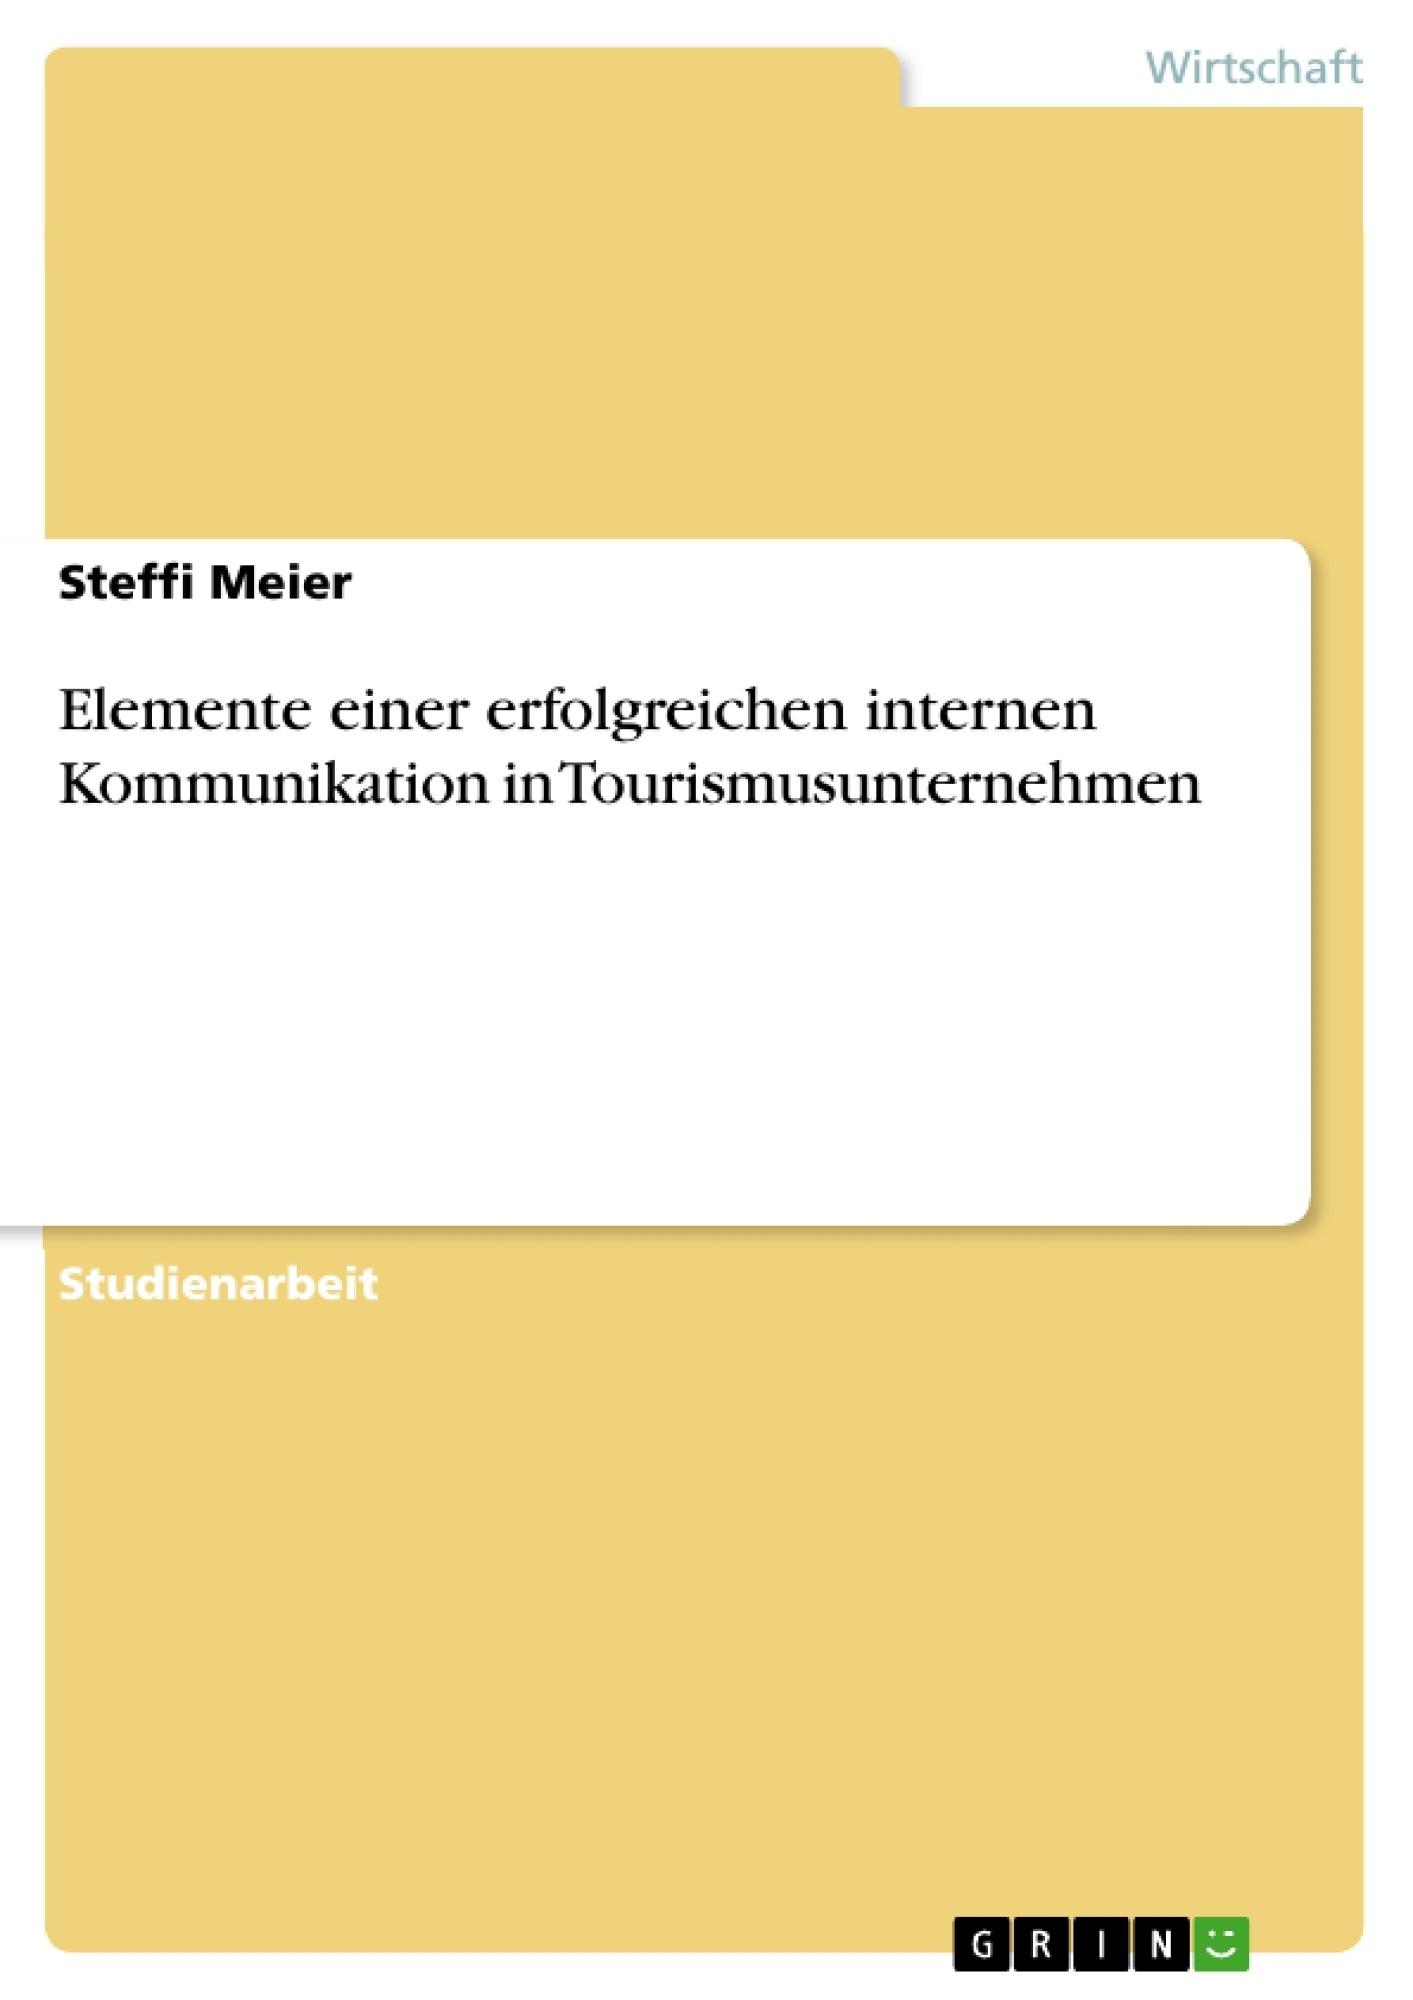 Titel: Elemente einer erfolgreichen internen Kommunikation in Tourismusunternehmen